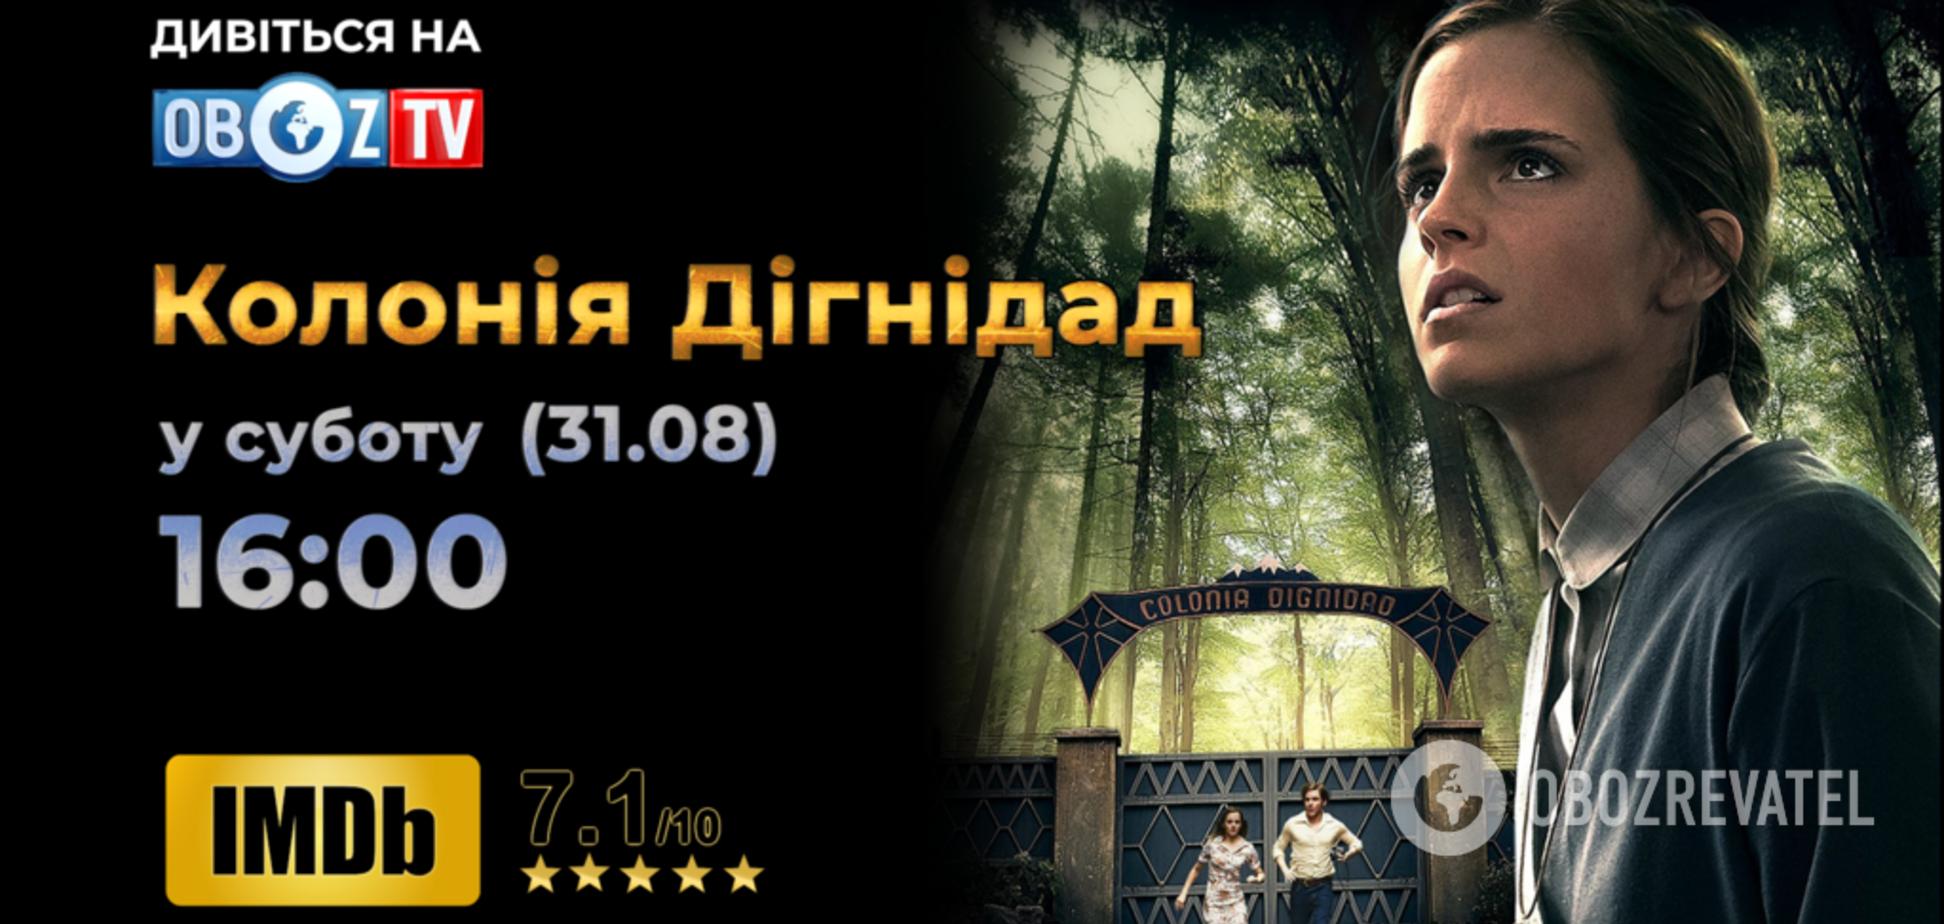 Жахіття політичних тюрем: на ObozTV вийде фільм ''Колонія Дігнідад''